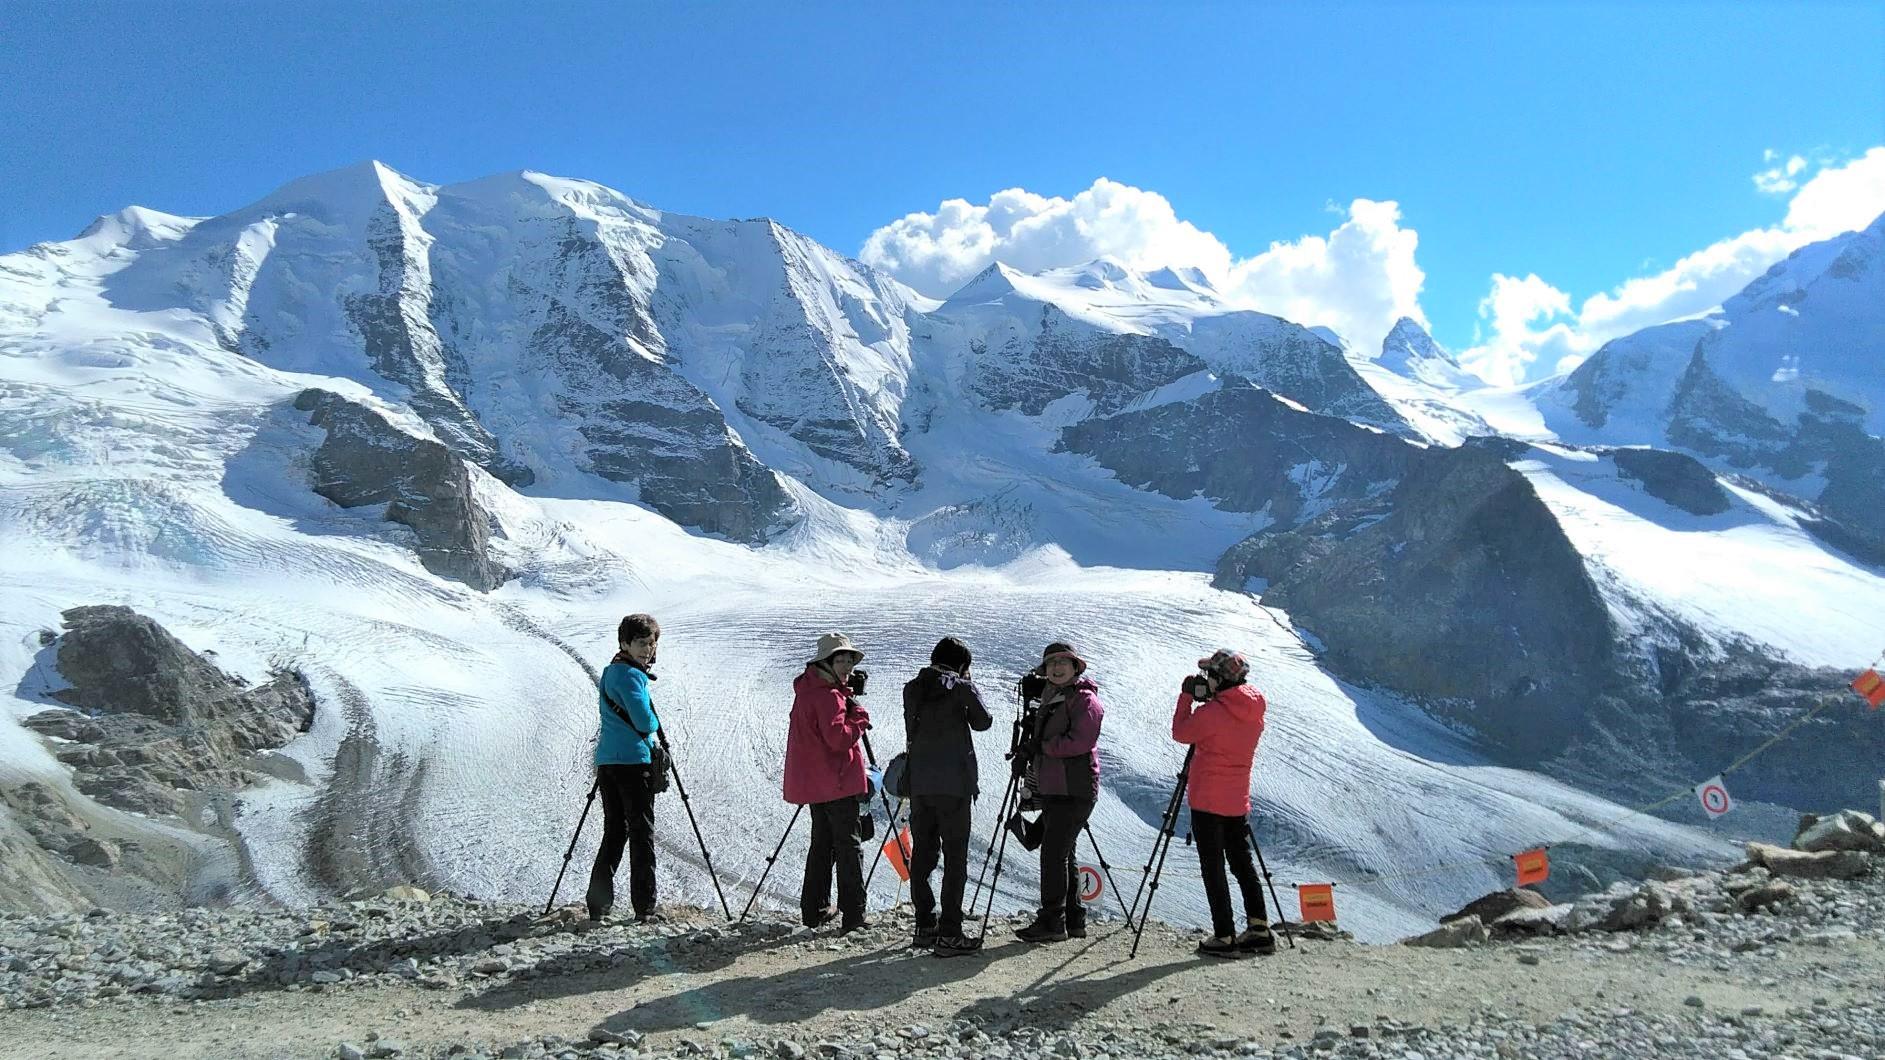 ディアヴォレッツァ展望台からピッツパリュ (3,901m)とペルス氷河を望む(6日目)